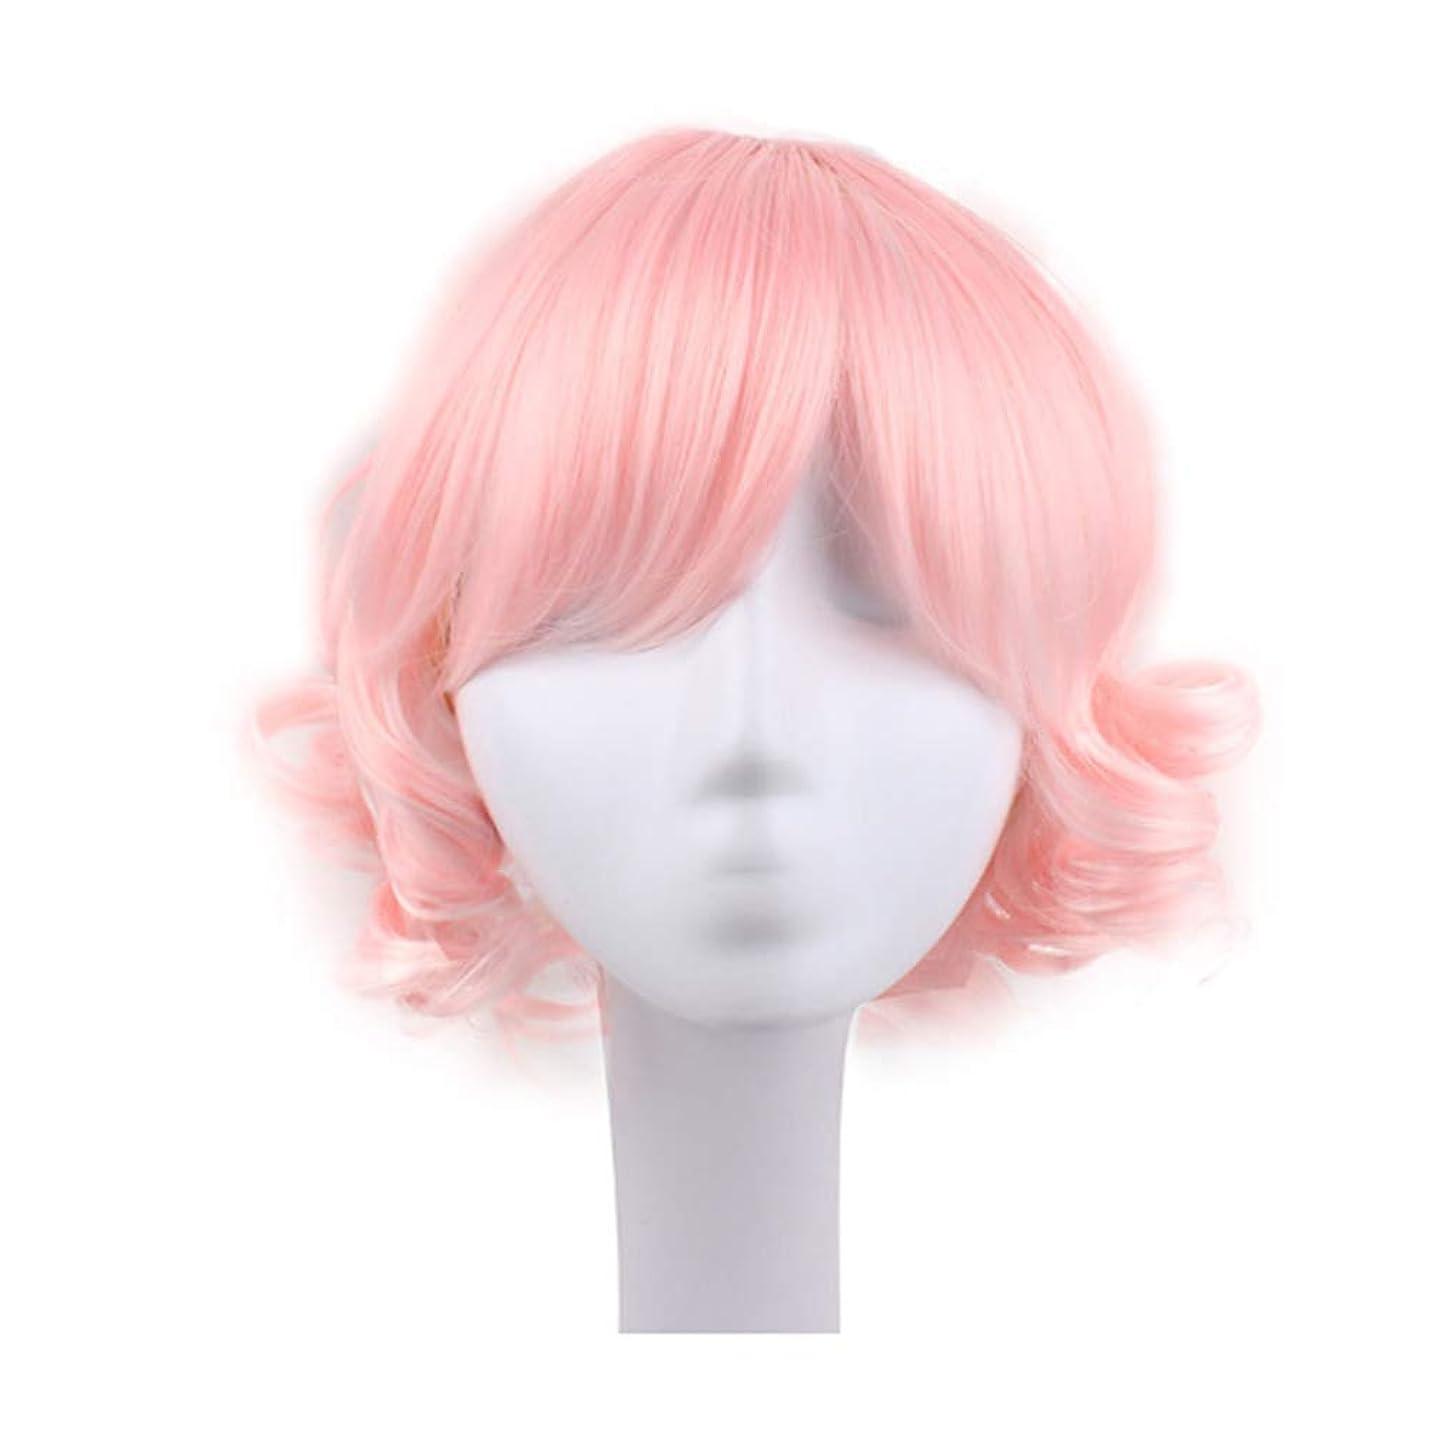 動詞接続詞連結するブロンドのかつら女性のための短い巻き毛のかつら髪のかつらリアルウィッグとして自然な日々のパーティーコスプレ衣装かつらかつらキャップ付きかつら